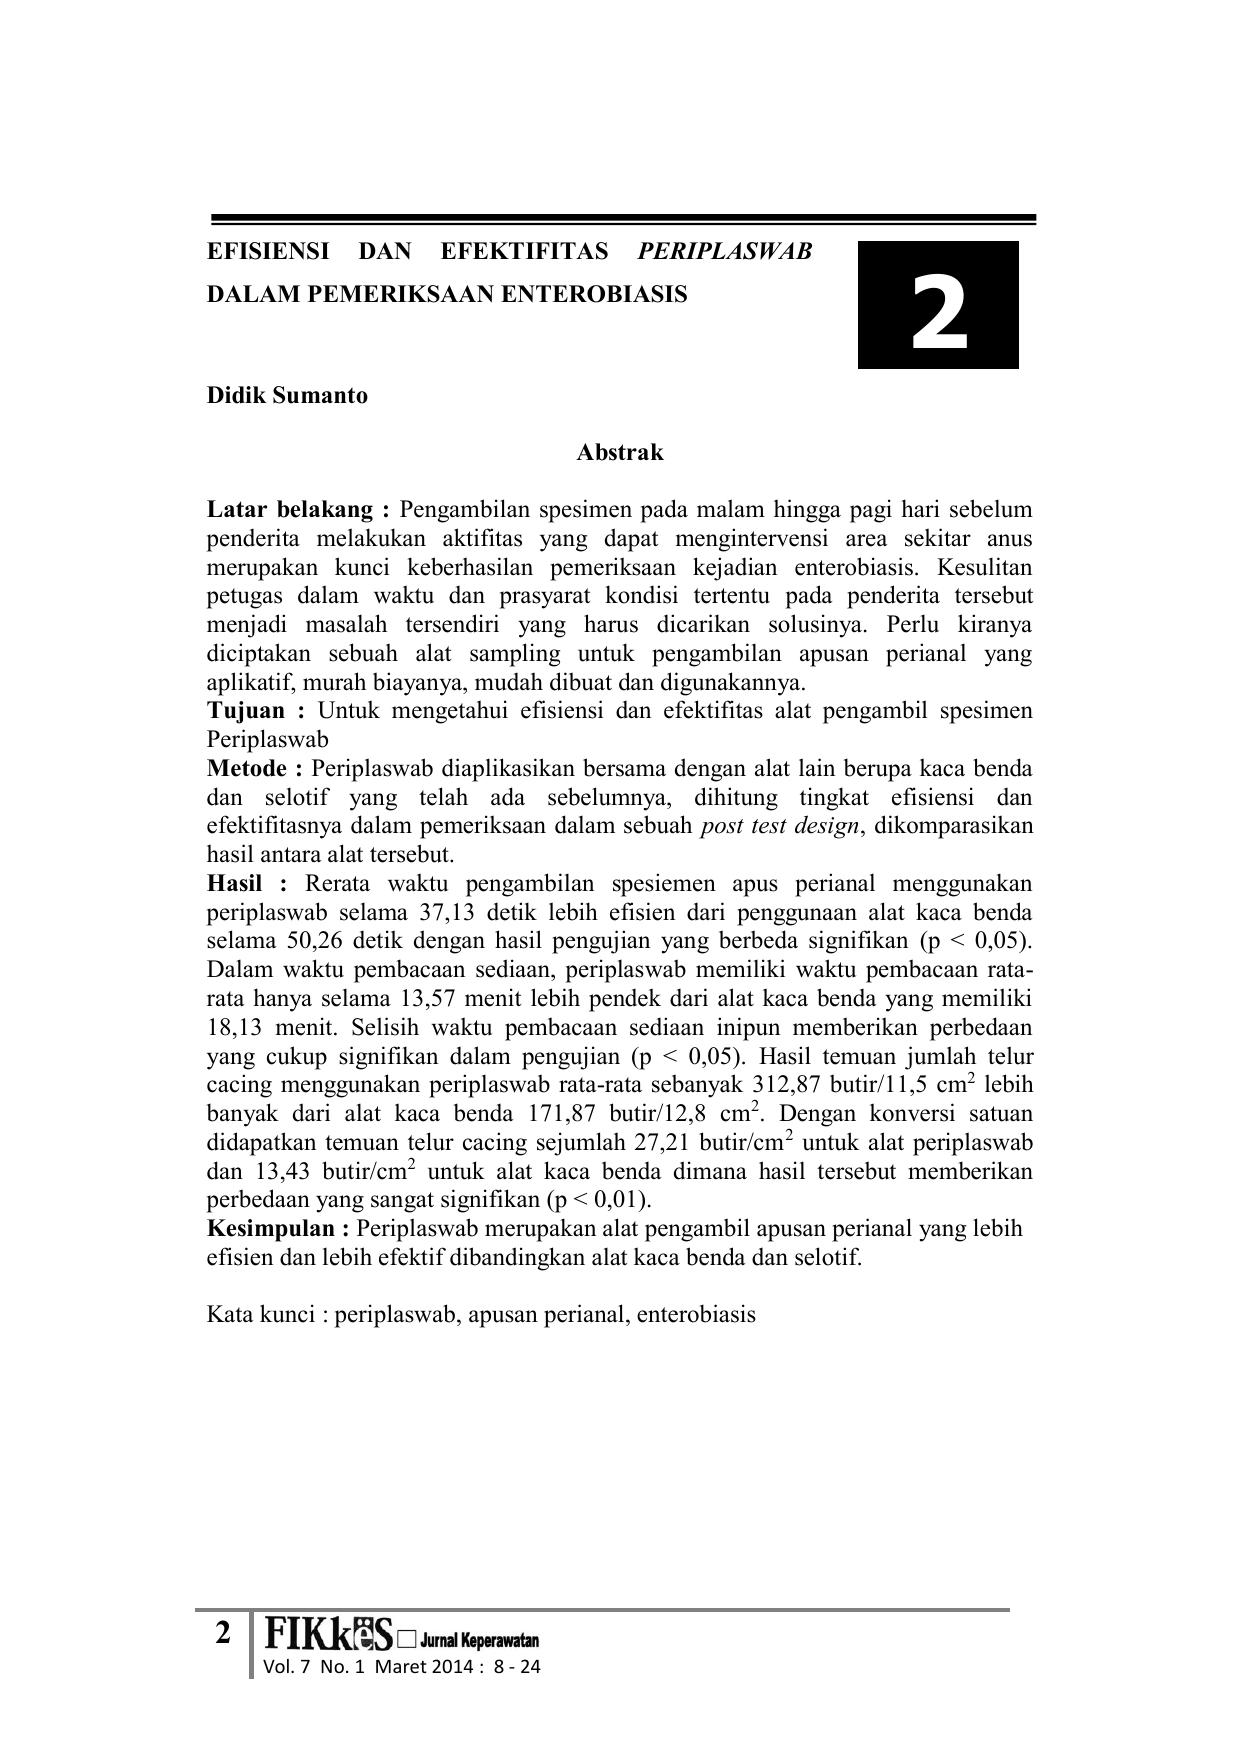 enterobiasis jurnal)